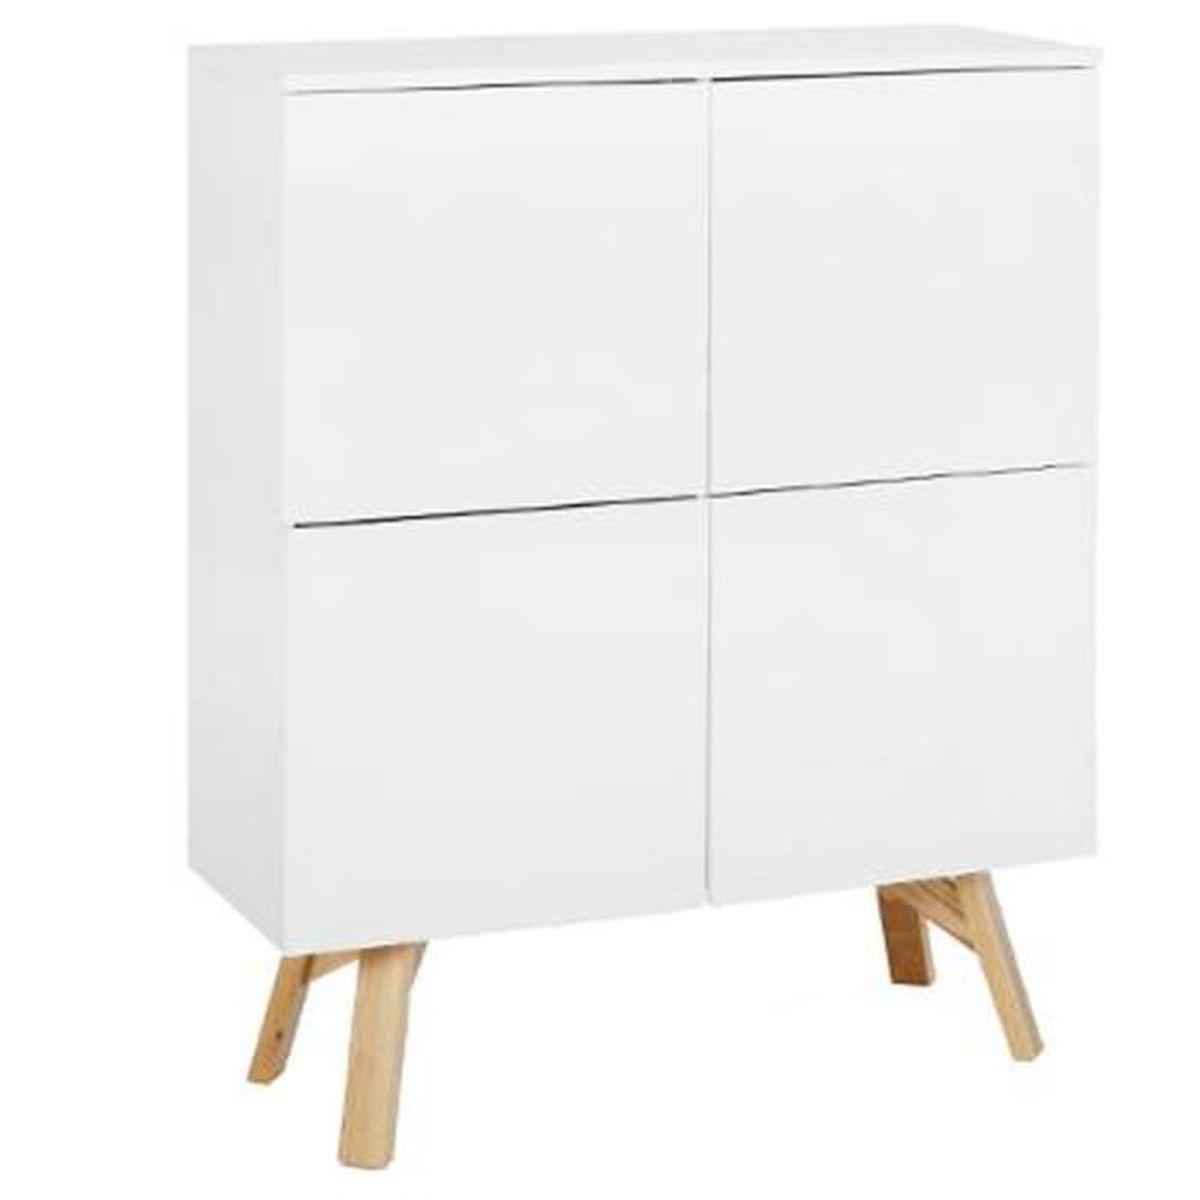 Armoire vaisselier de 4 portes coloris blanc en mdf fr ne for Armoire dressing 4 portes